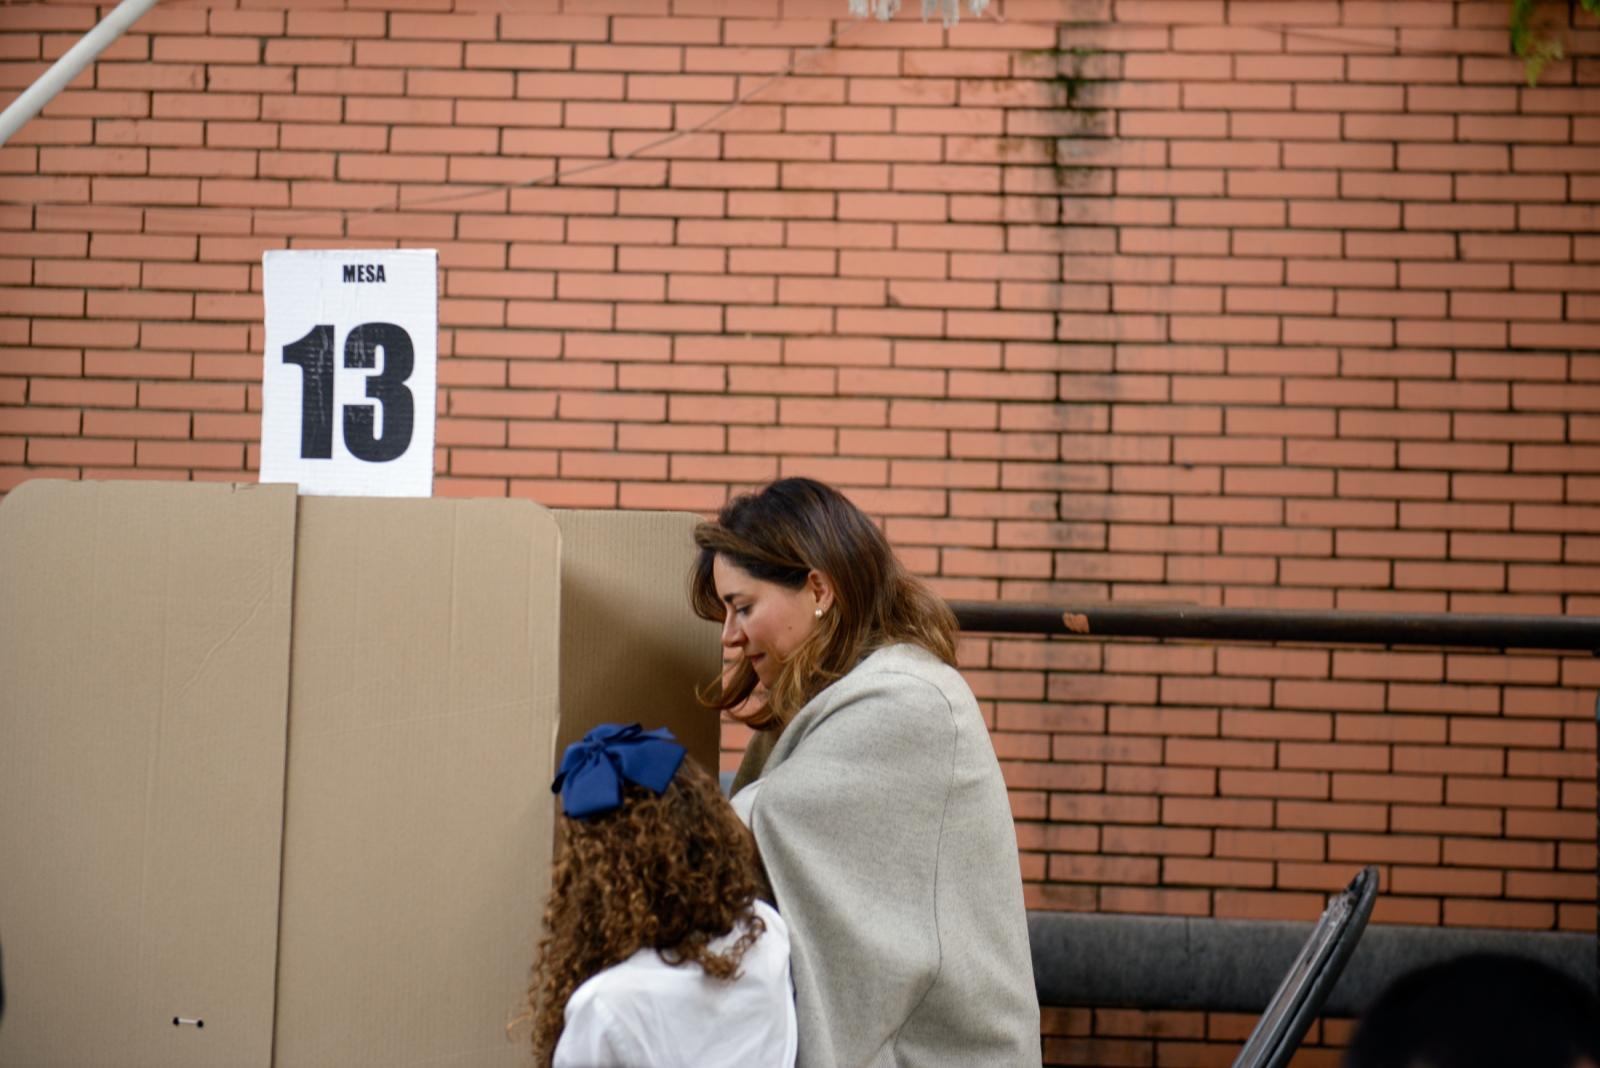 (EN) May 27, 2018 - Bogota, Colombia. Maria Juliana Duque and her daughter, Colombian presidential candidate Ivan Duque's wife, casting her vote during the first round of the 2018 presidential elections. (ES) 27 de mayo 2018 - Bogotá, Colombia. Maria Juliana Duque, esposa del candidato a la presidencia Iván Duque, votando durante la primera vuelta de las elecciones presidenciales 2018.